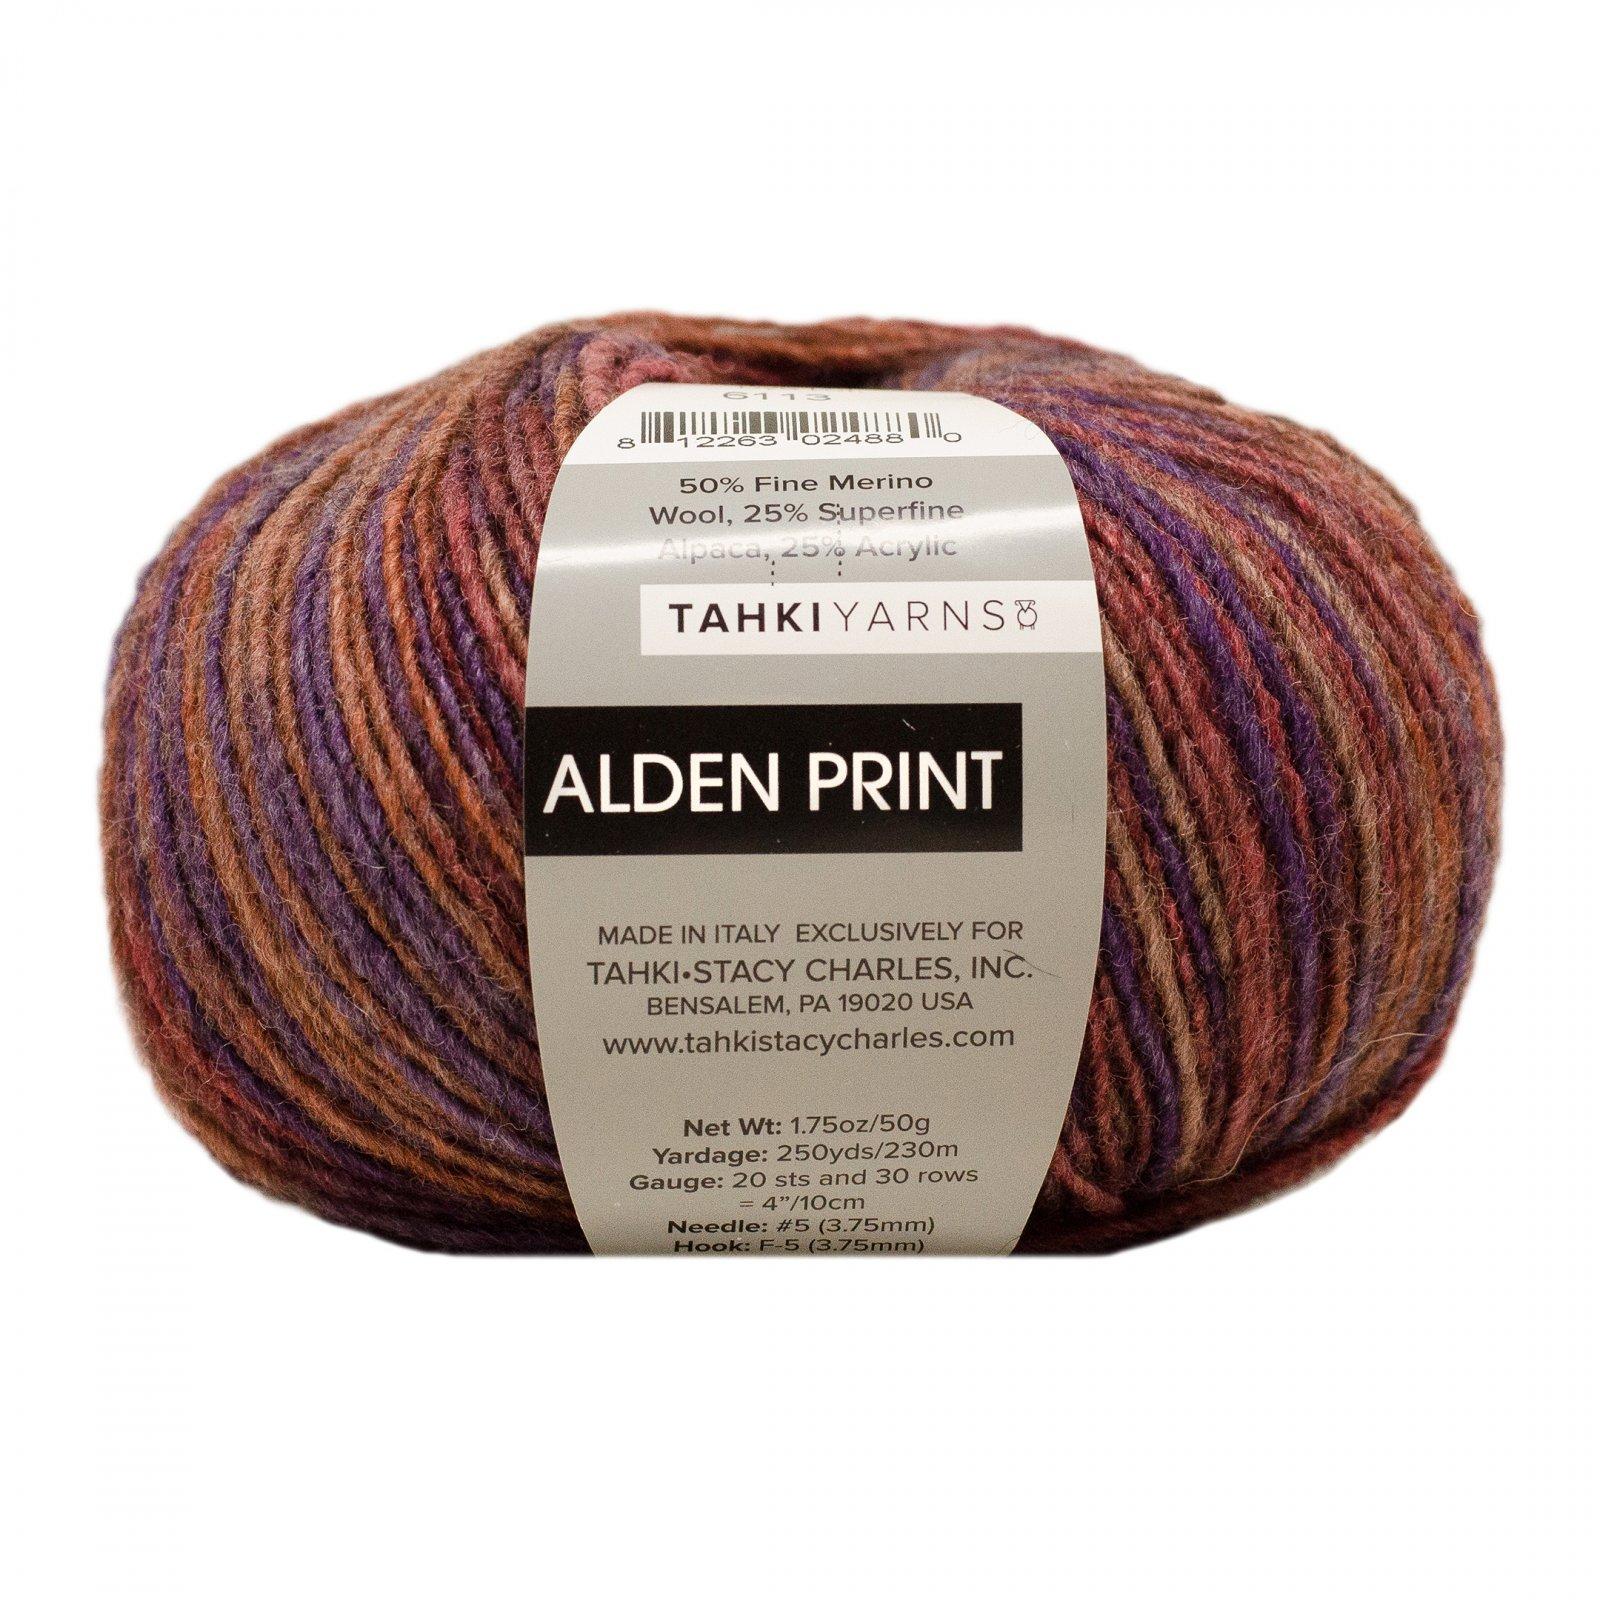 Alden Print